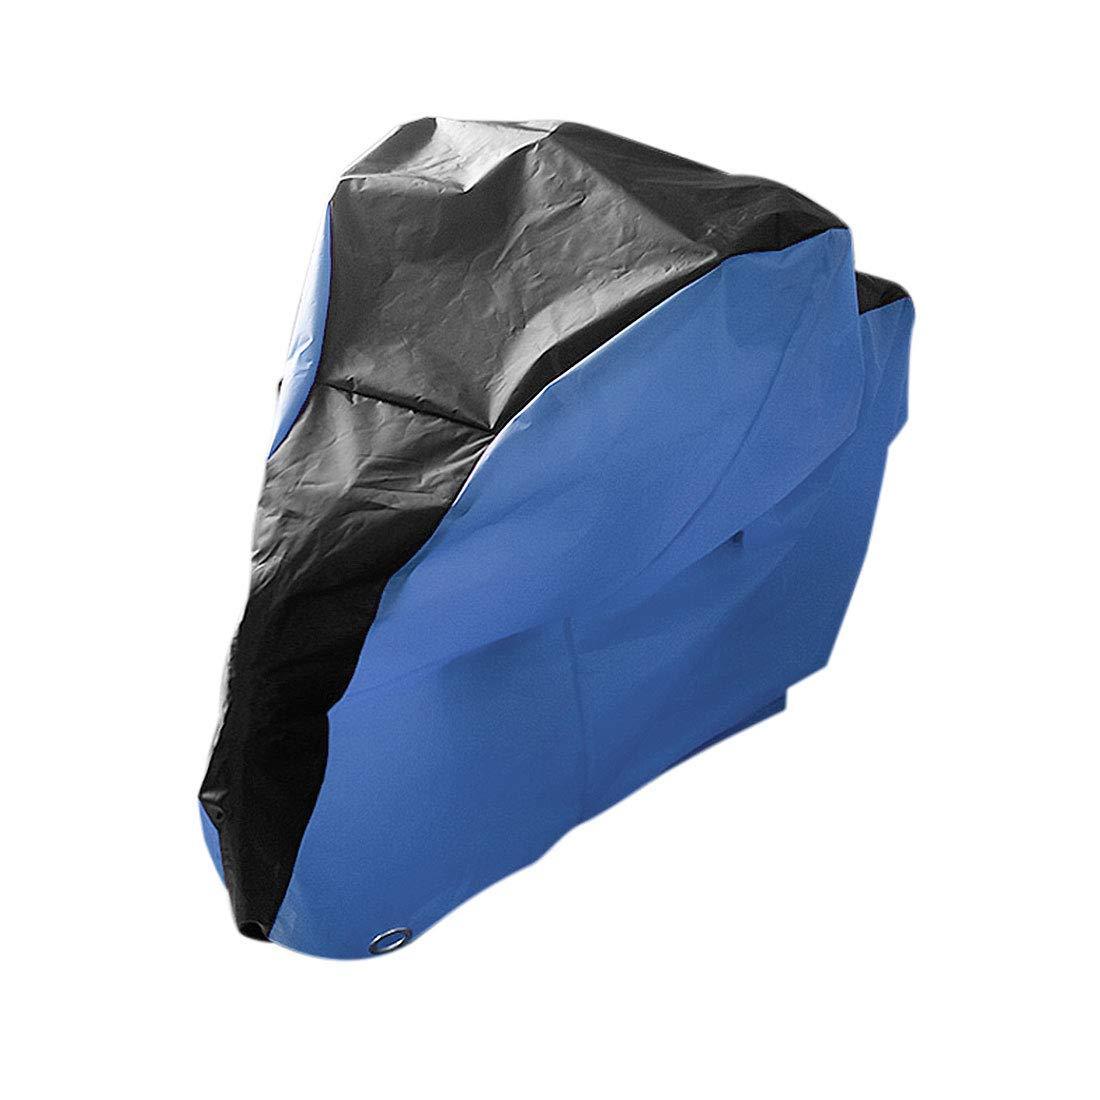 Accesorios para mochilas mxdmai Paquete de Soporte 1 Codo de Apoyo de Neopreno Reversible Soporta los apoyos para la Artritis Alivio del Dolor Deportes tendinitis Negro recuperación de la lesión